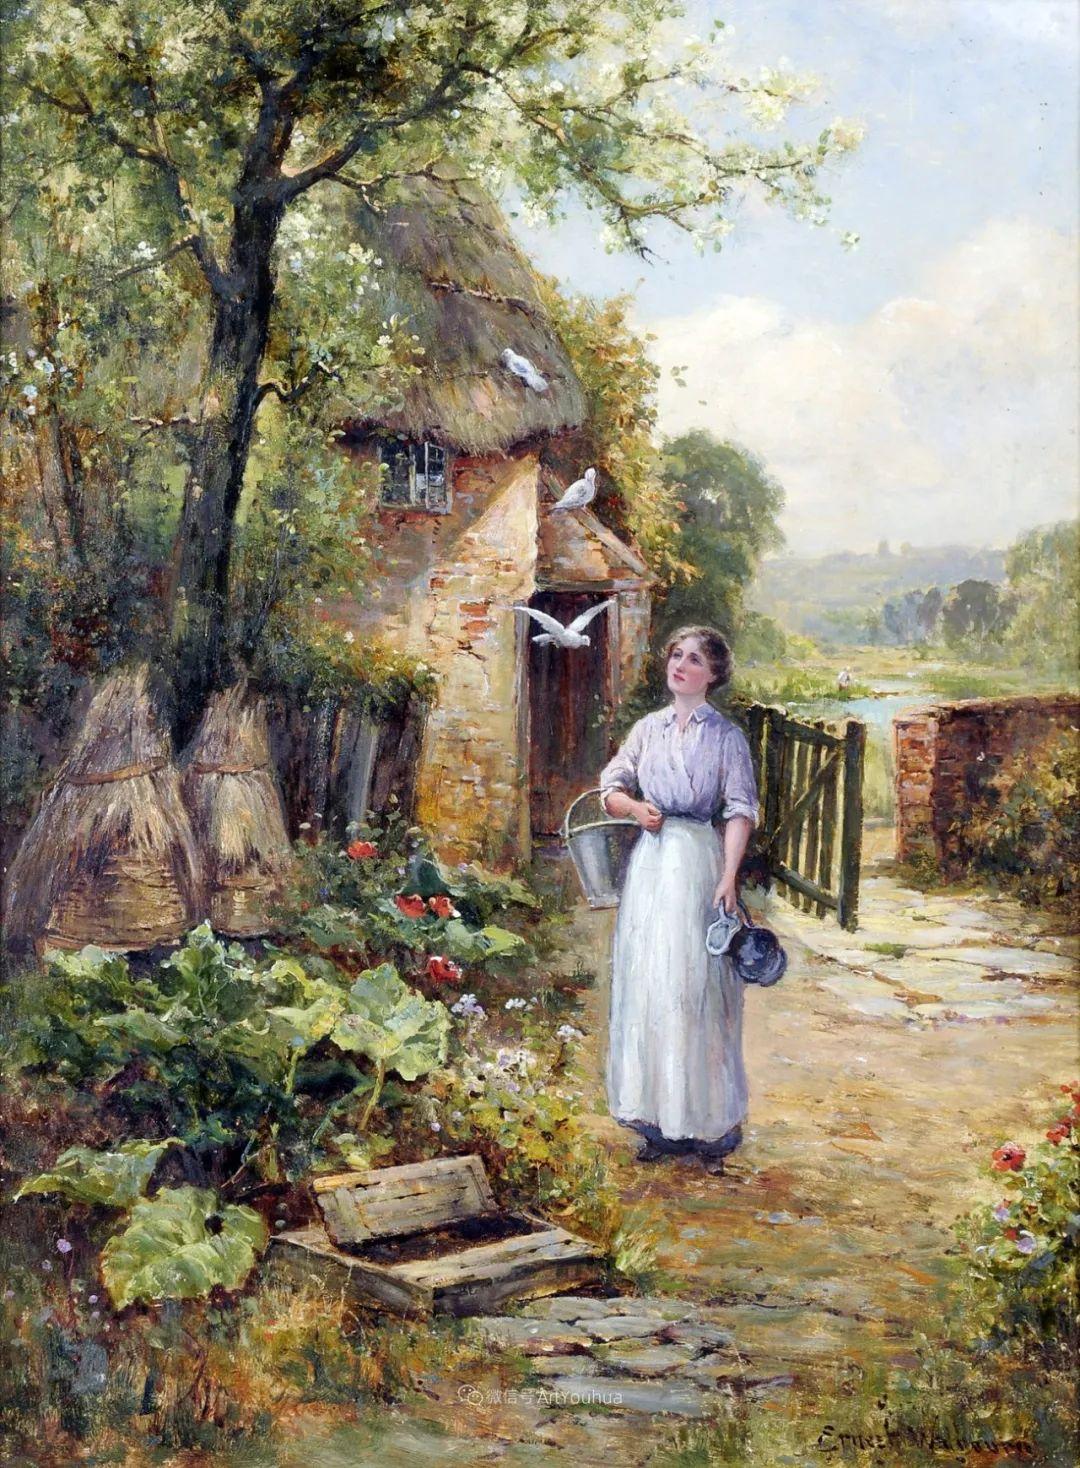 他笔下的绝美乡村景象,真令人向往!英国画家Ernest Charles Walbourn作品(上)插图